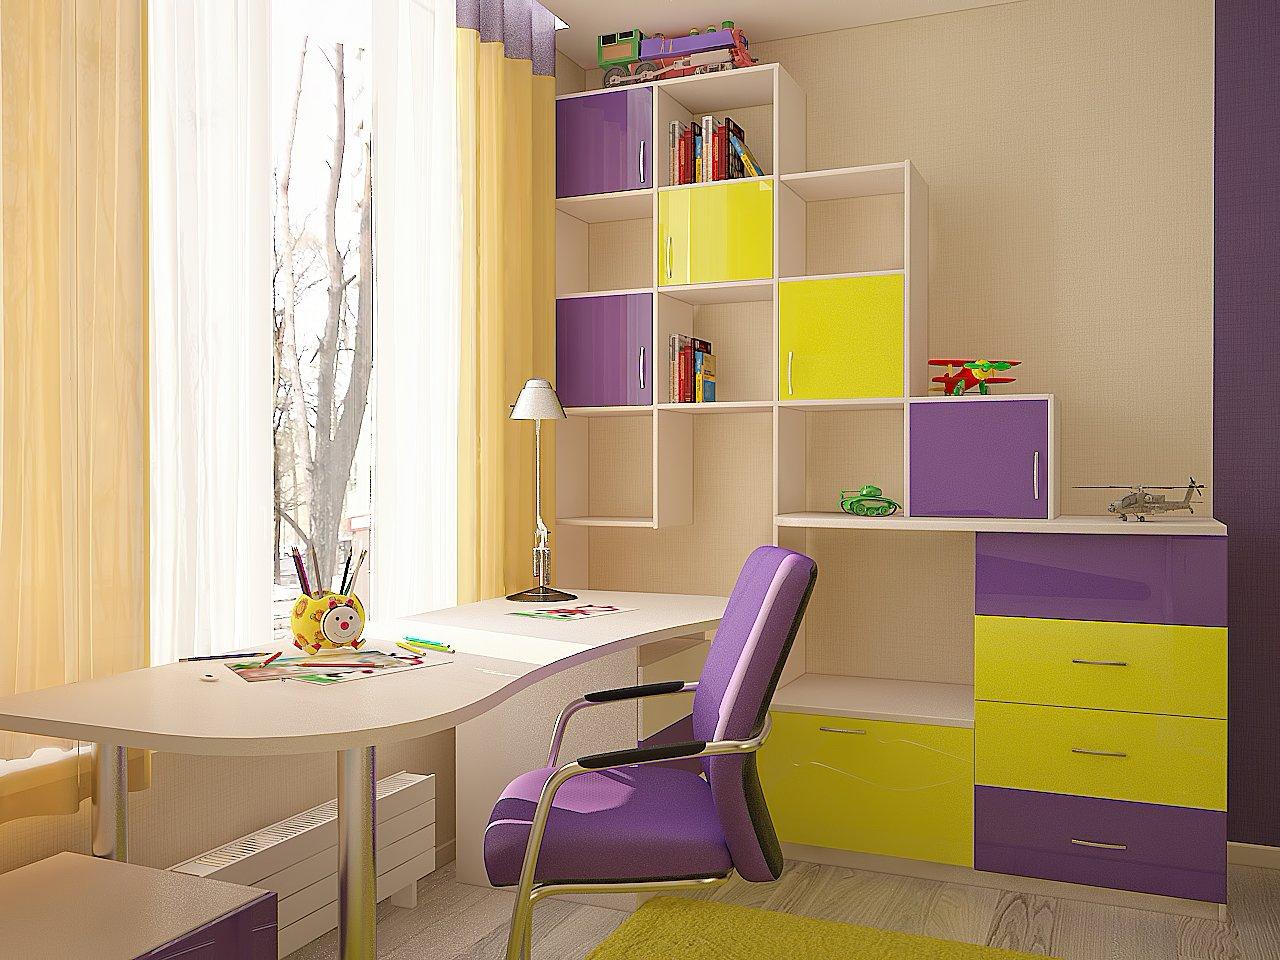 Дизайн детской комнаты в ярких тонах Киев.